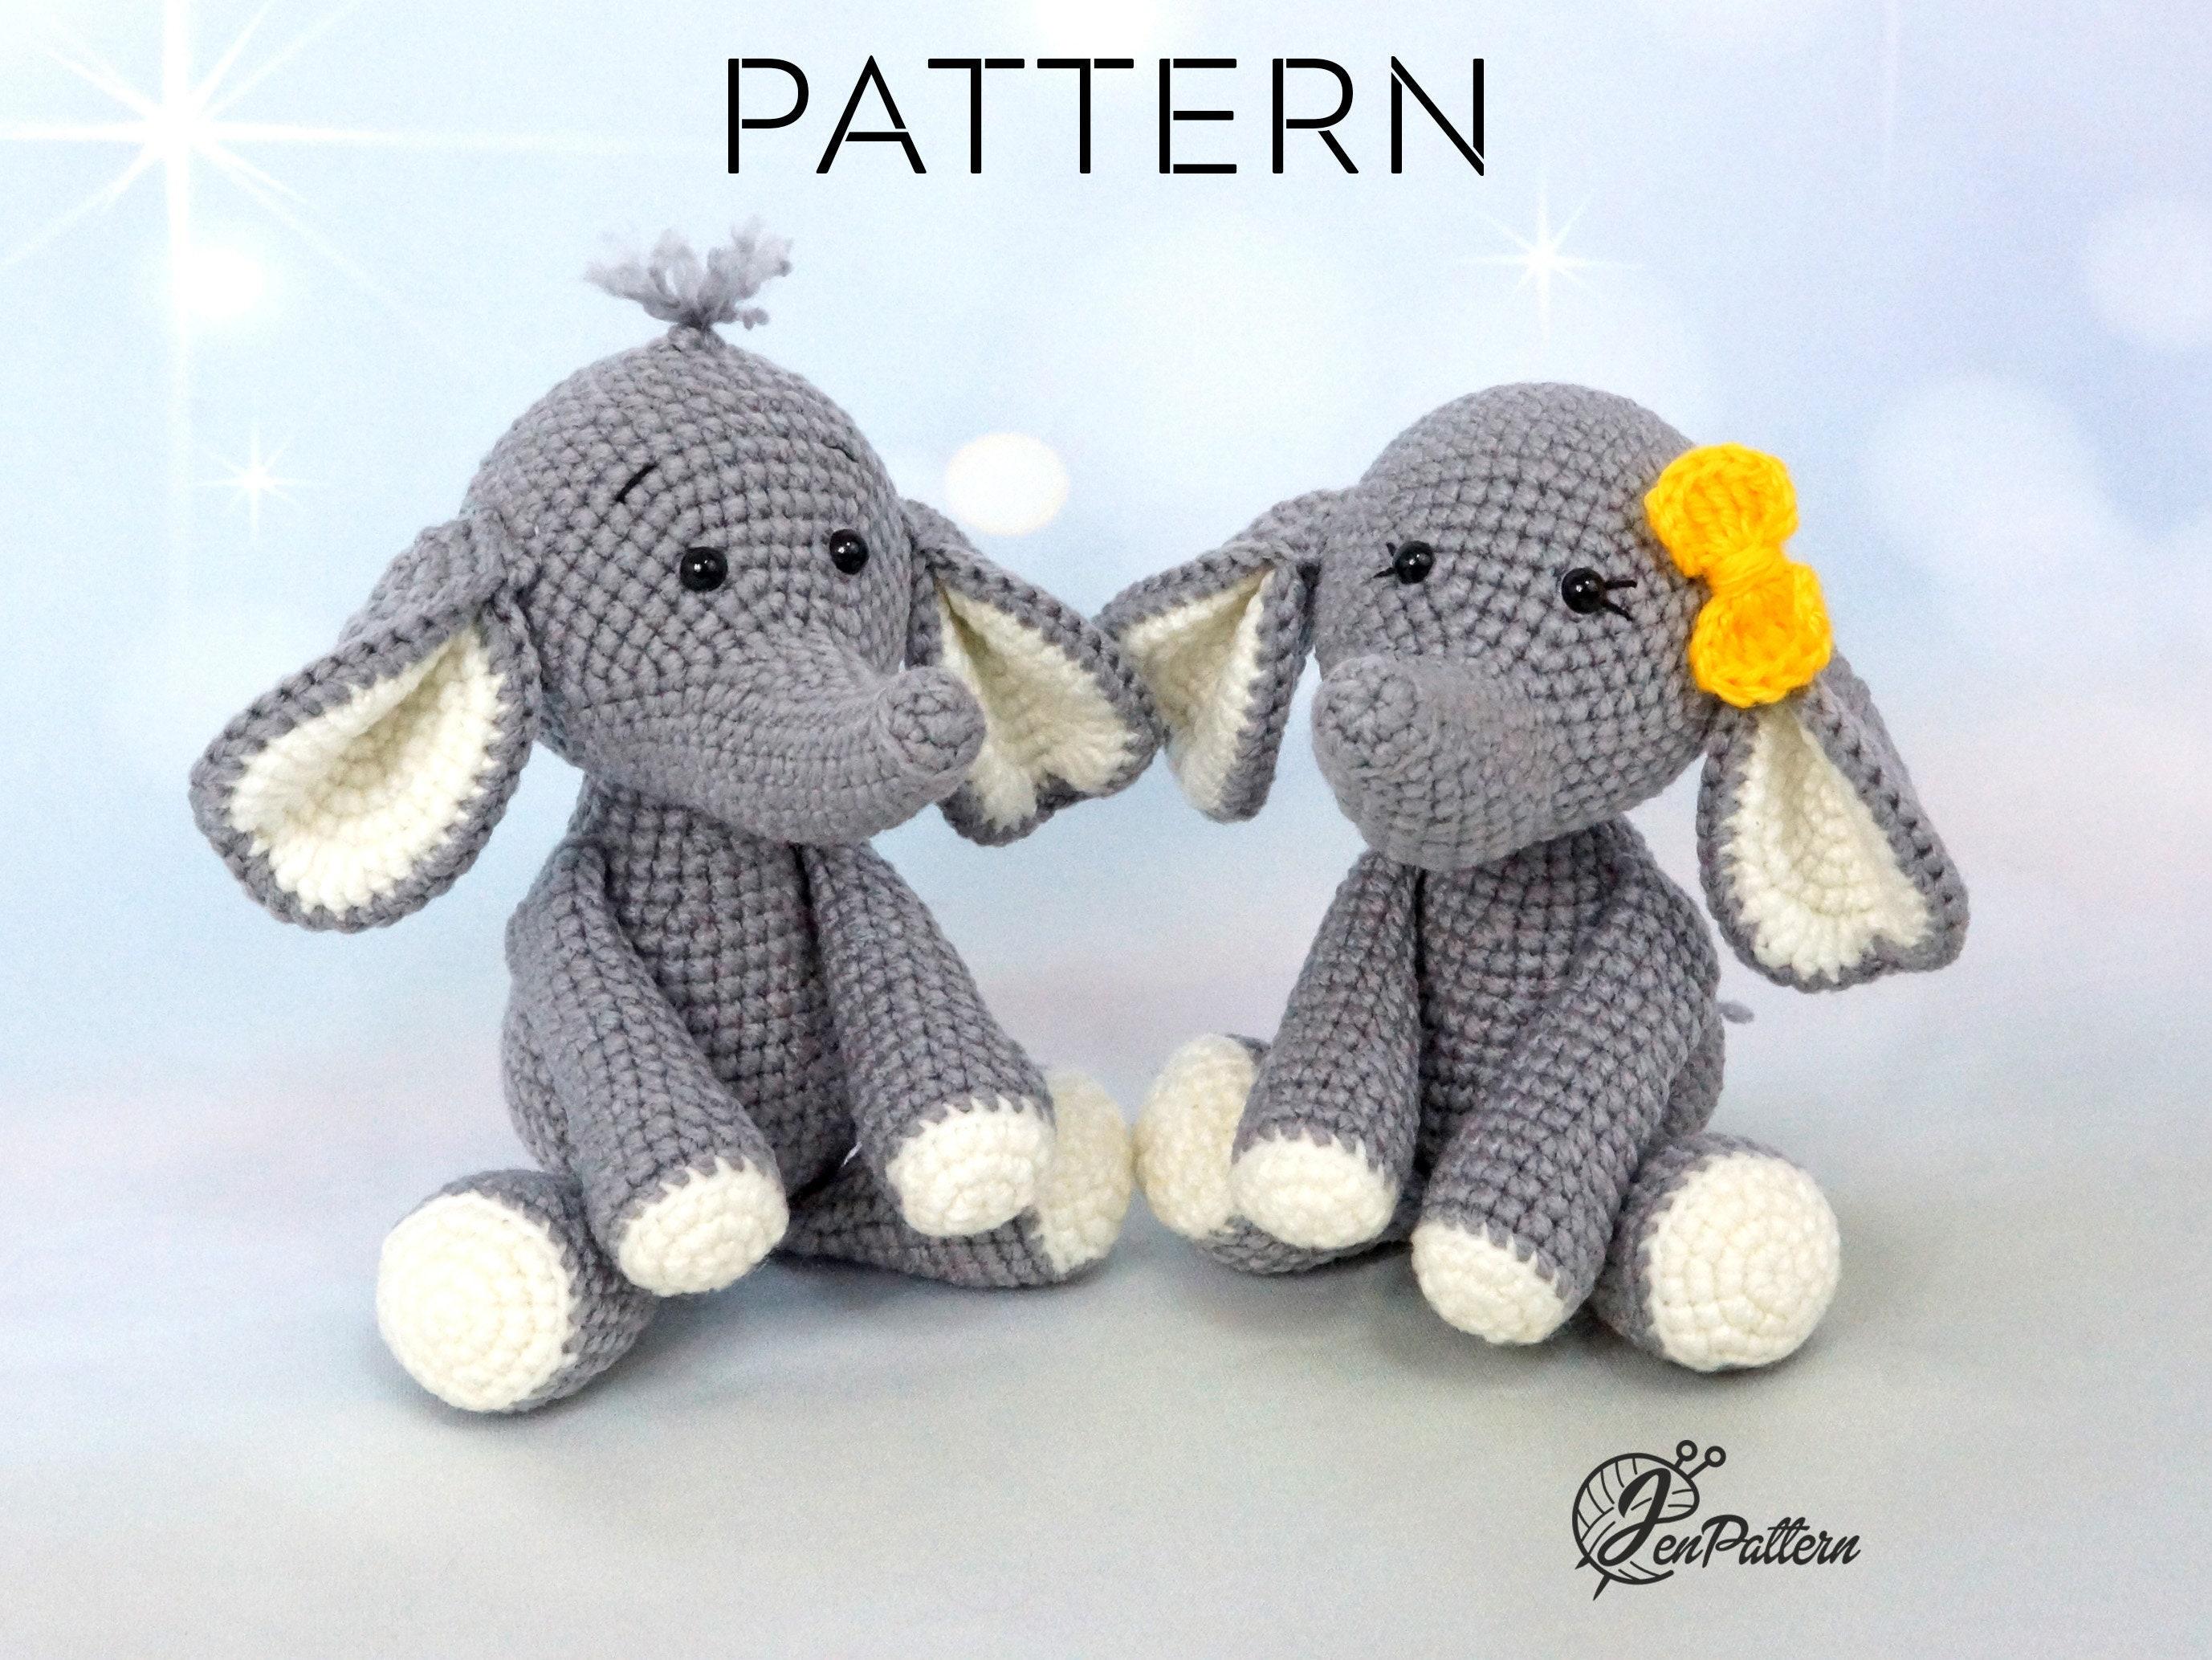 Pink crochet elephant pattern | Crochet elephant pattern, Crochet ... | 2067x2755